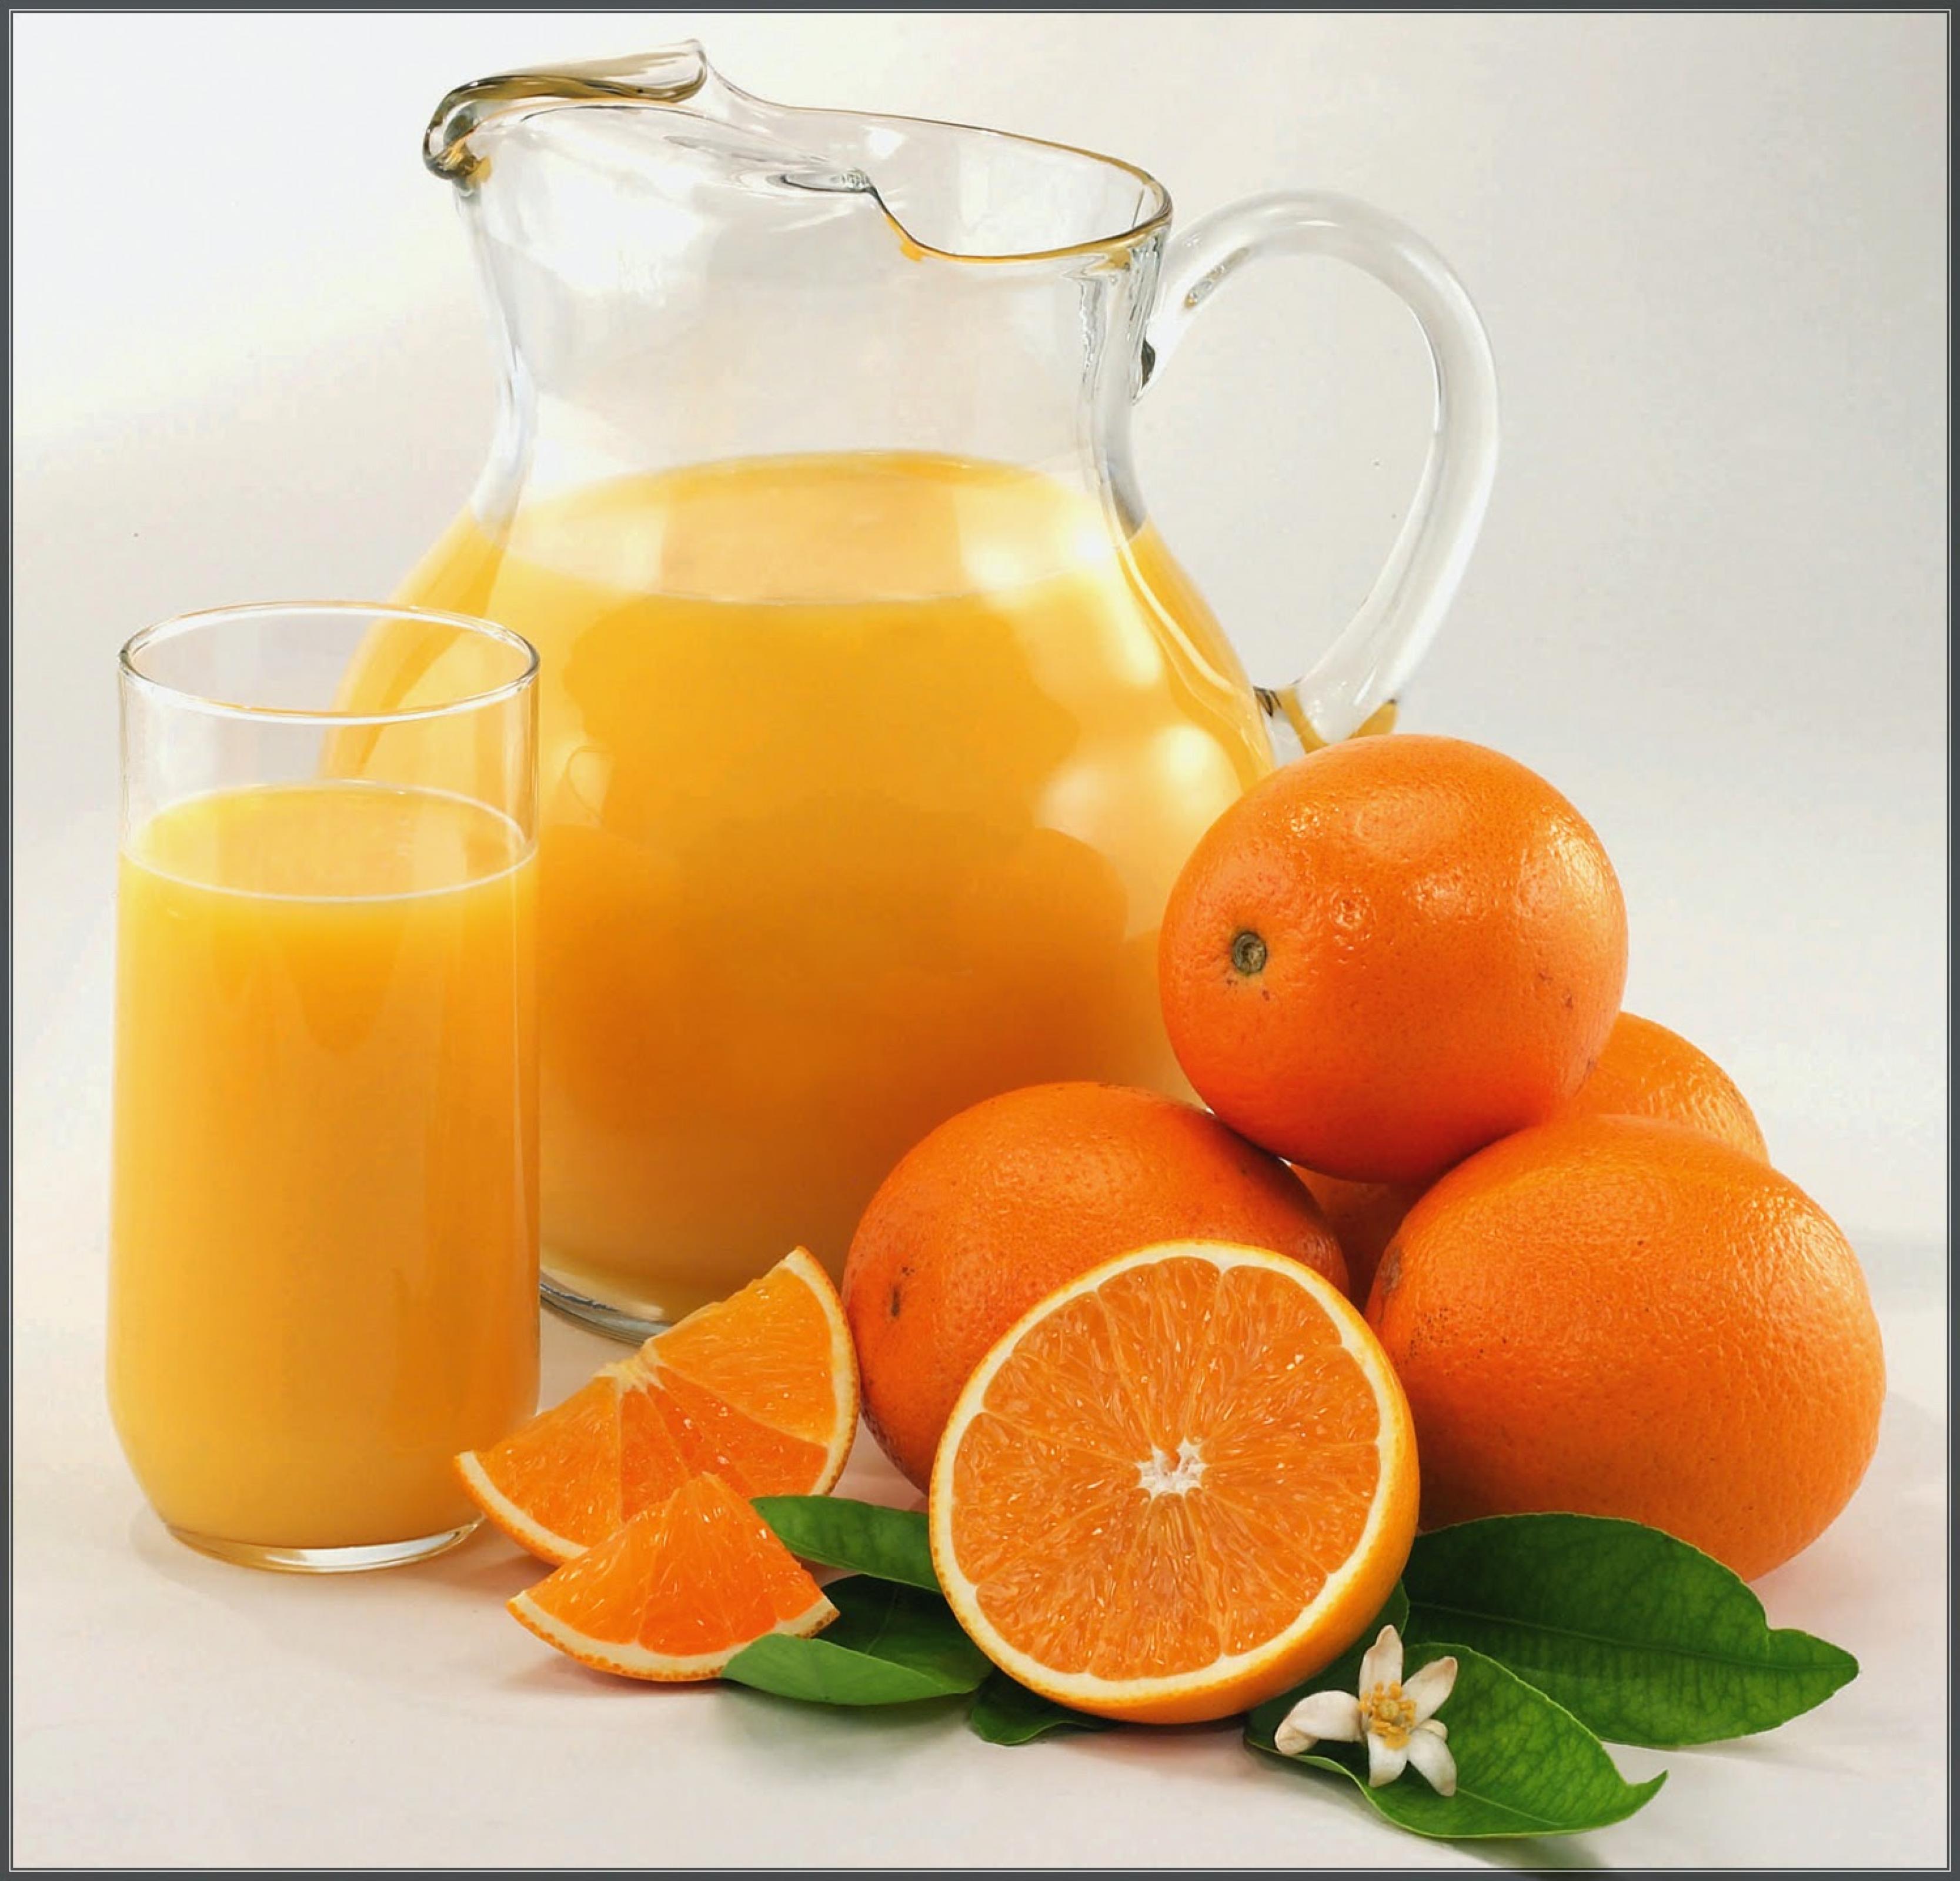 بالصور طريقة عمل عصير البرتقال في الخلاط 20160614 1023